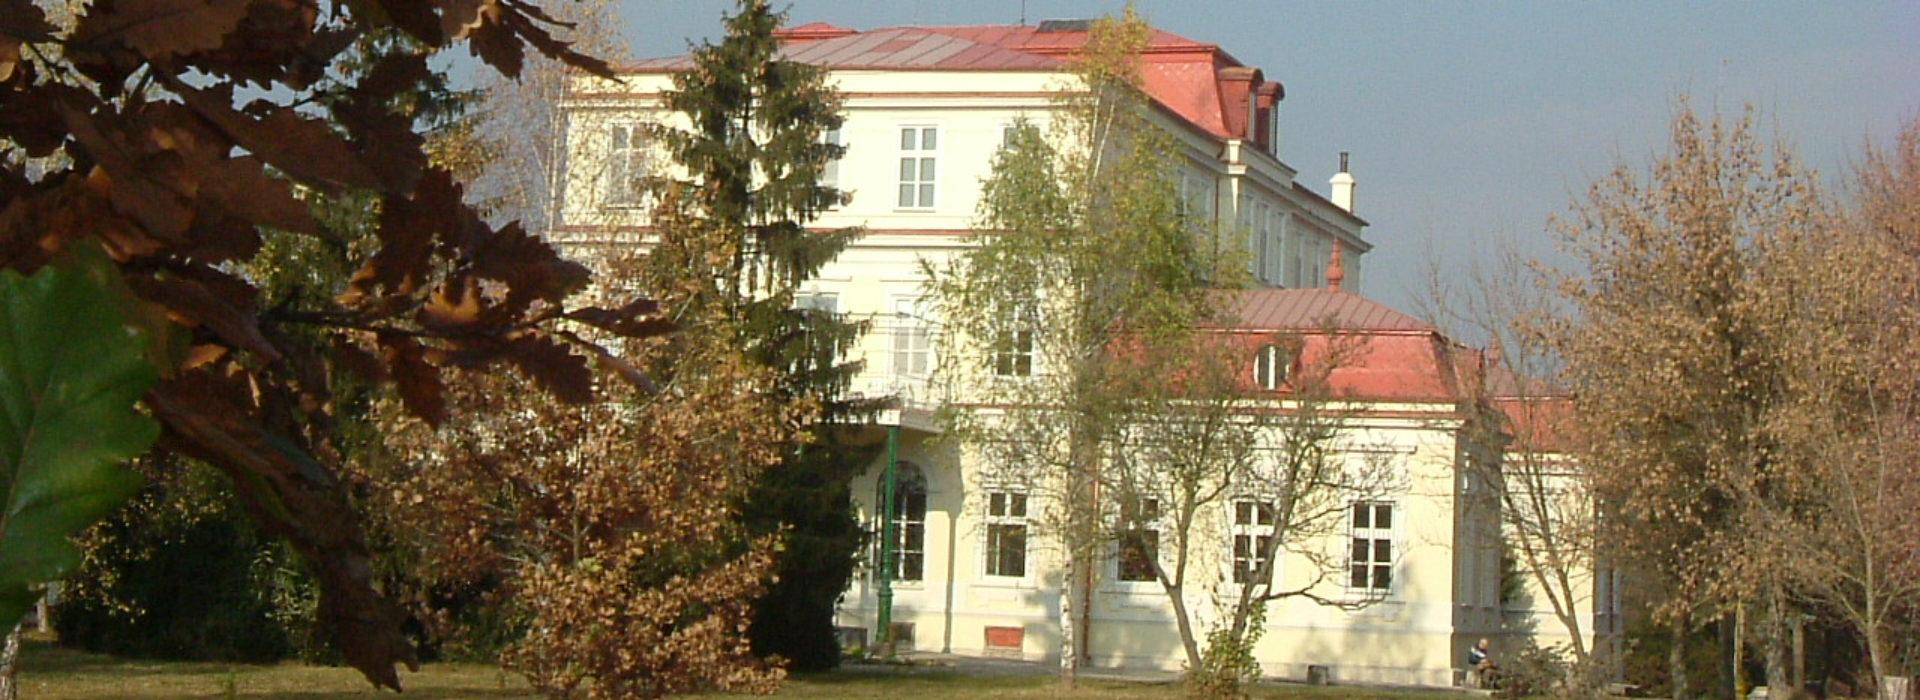 Domov sociálnych služieb pre dospelých v Moravskom Svätom Jáne